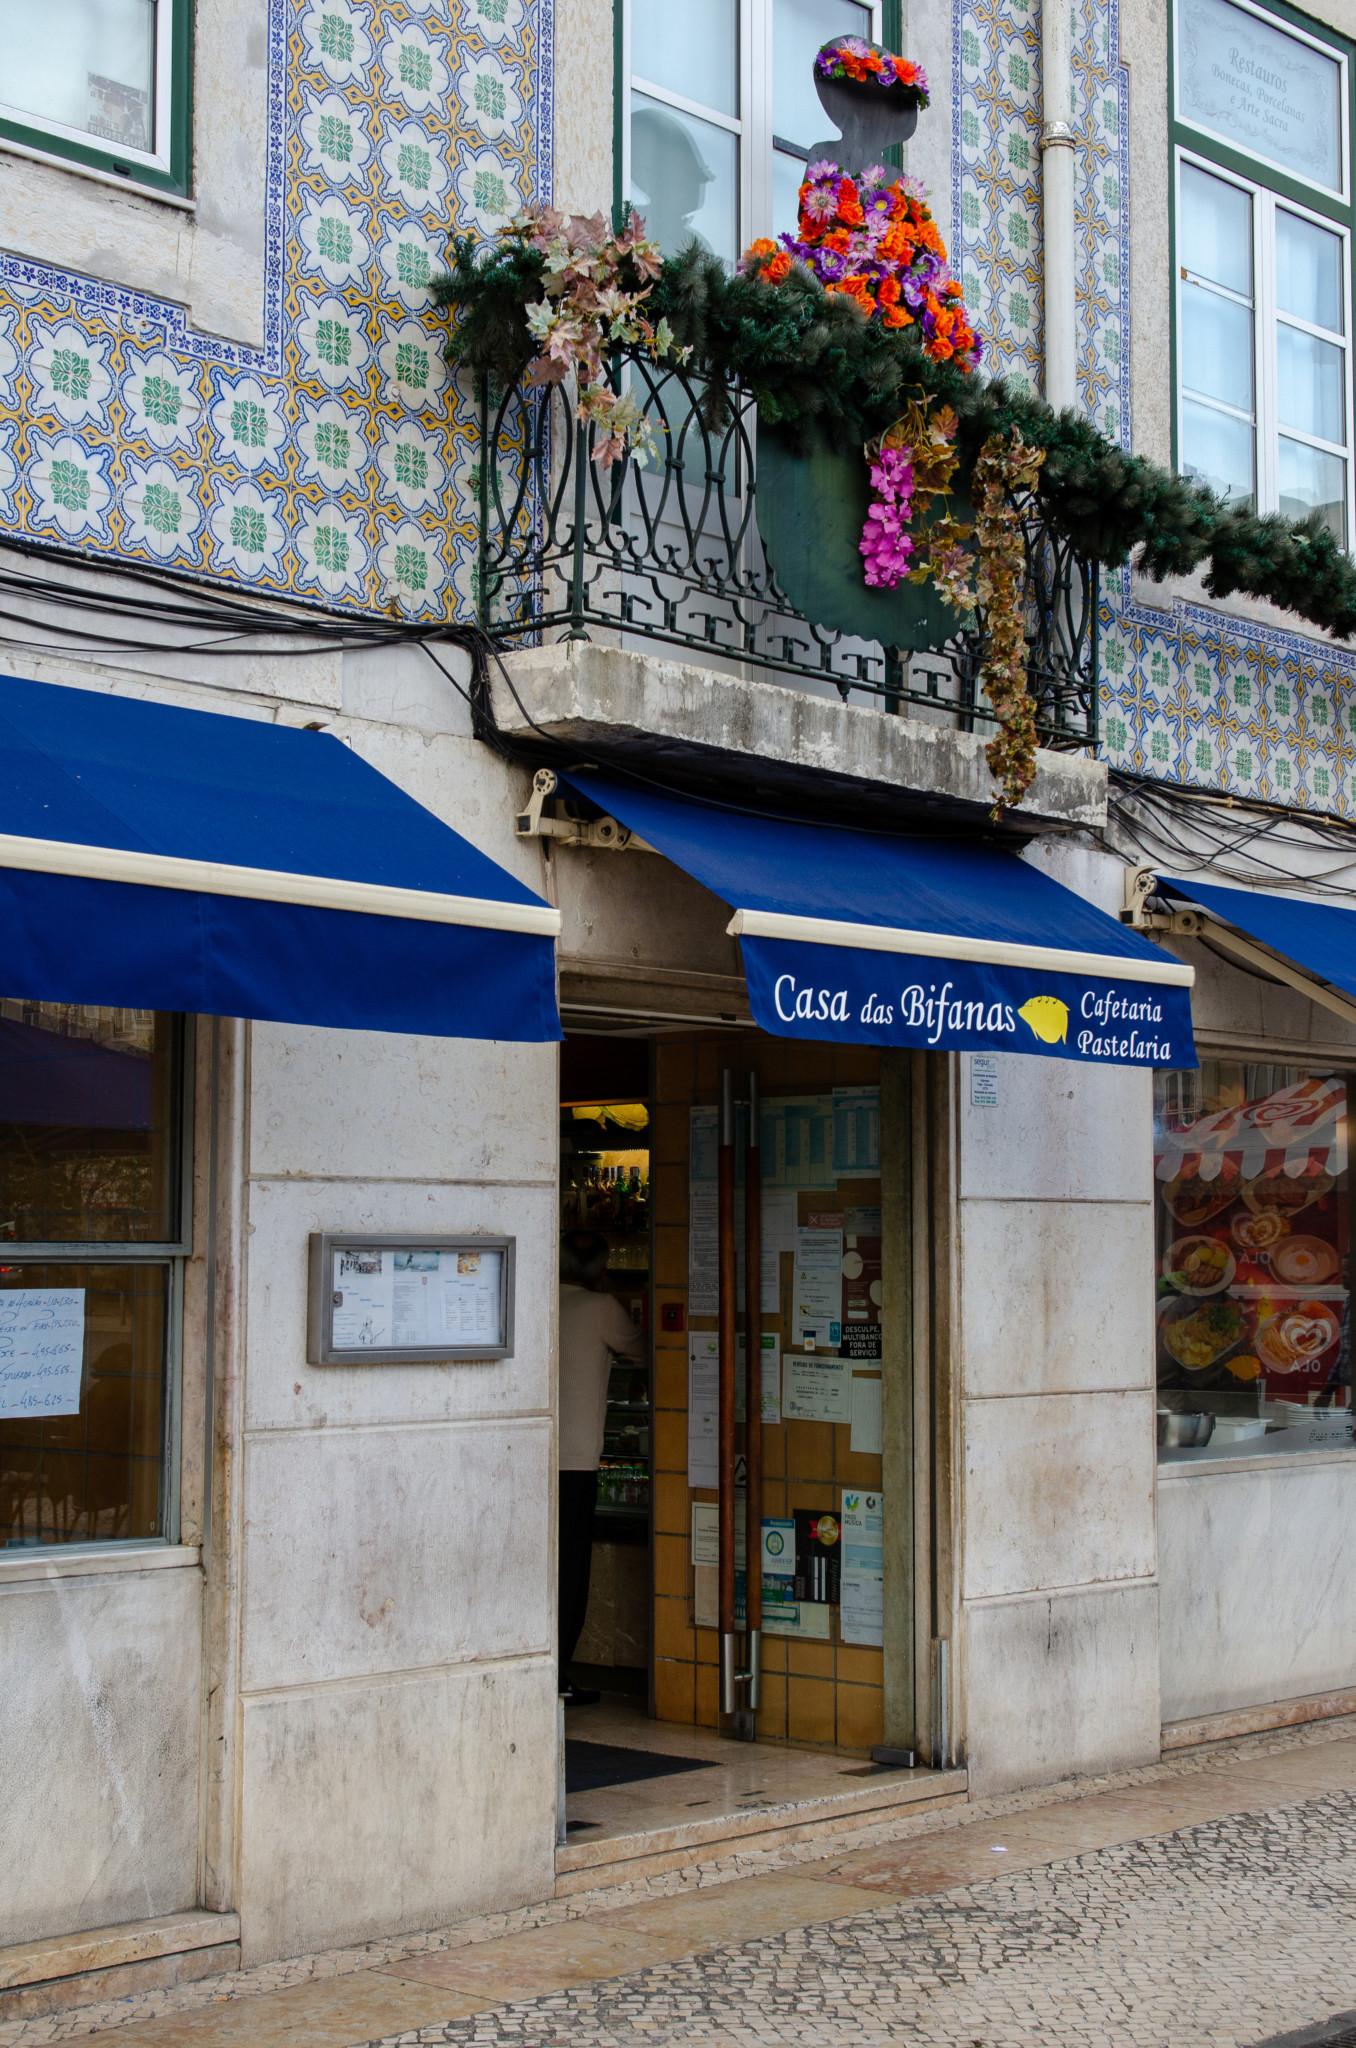 Casa do Bifanas in Lissabon